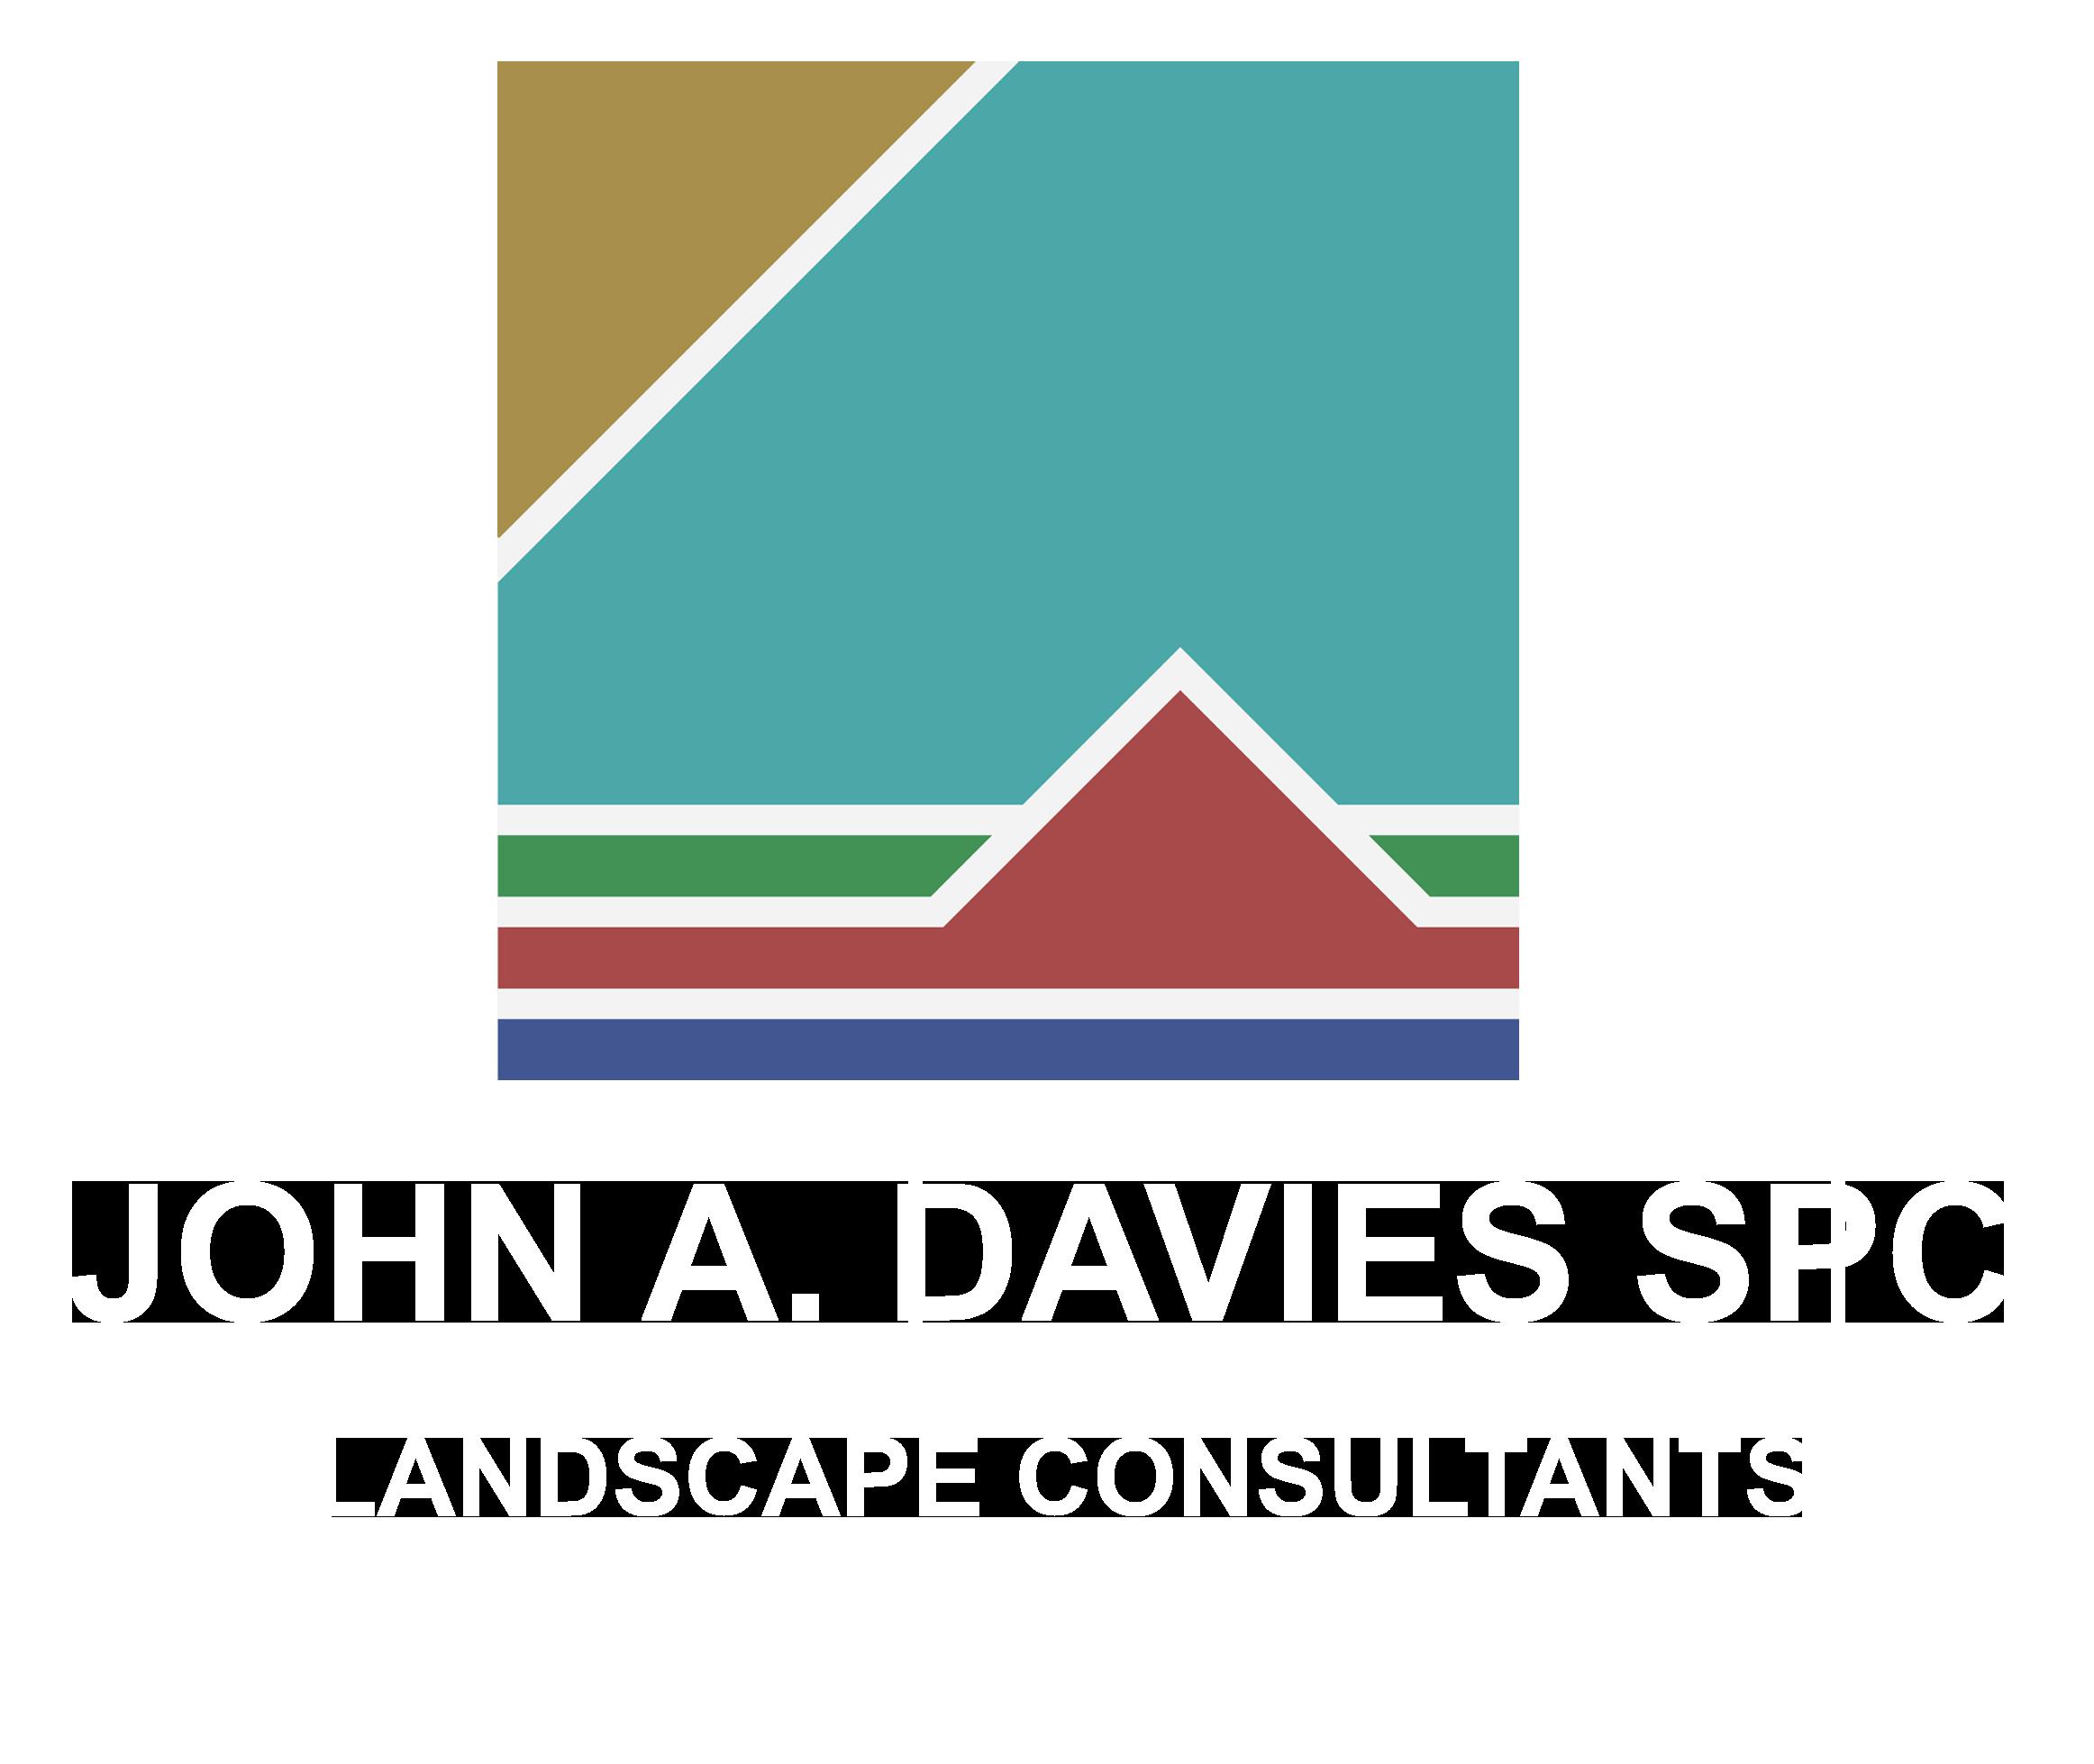 John A. Davies S.P.C